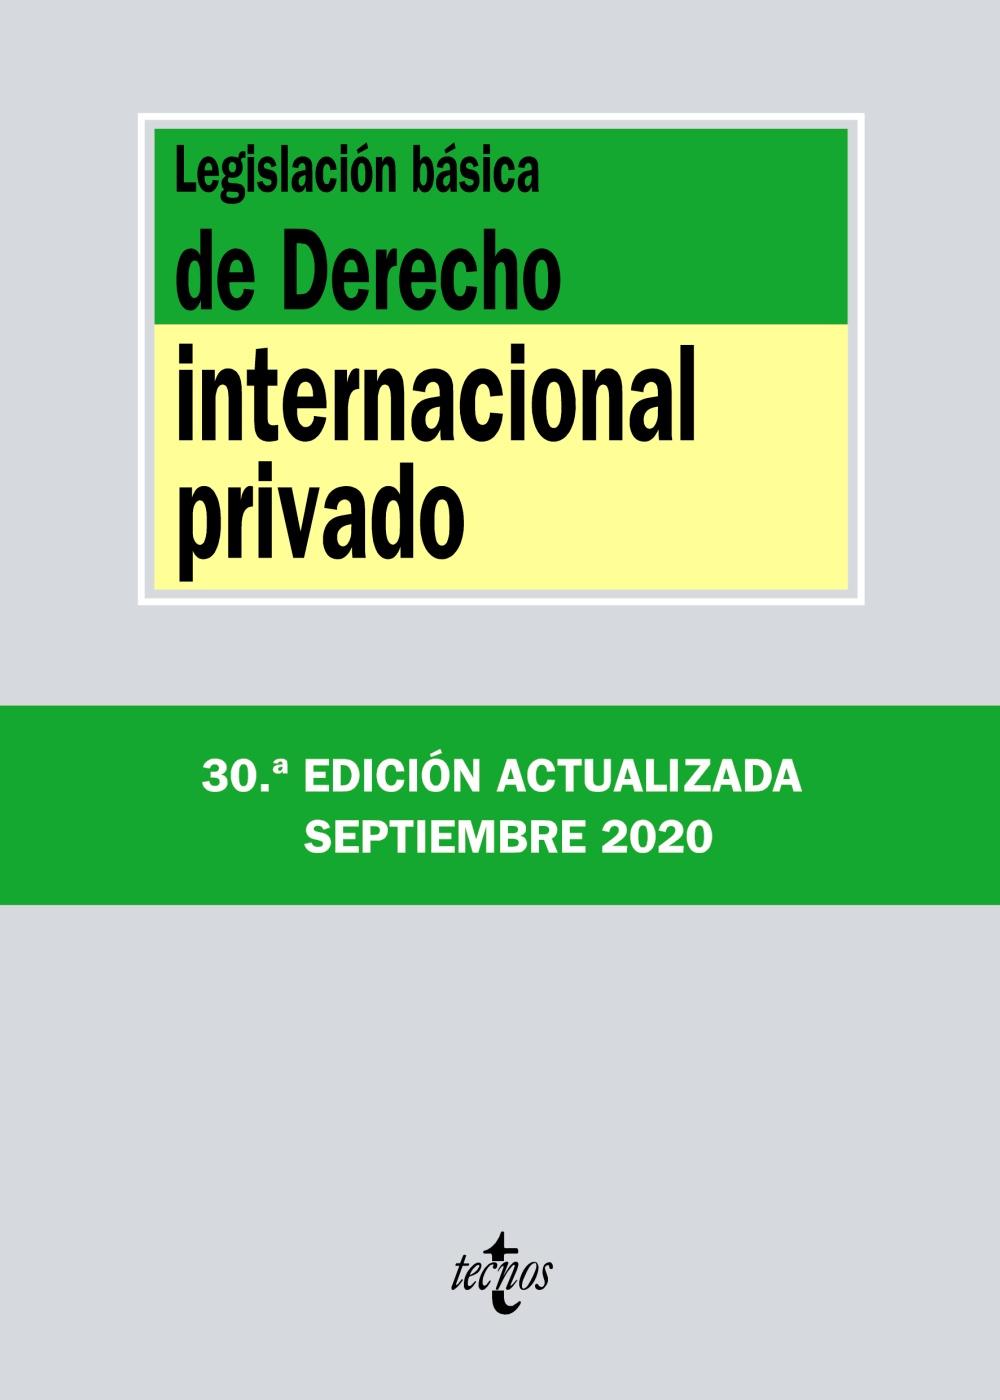 Legislación básica de Derecho Internacional privado